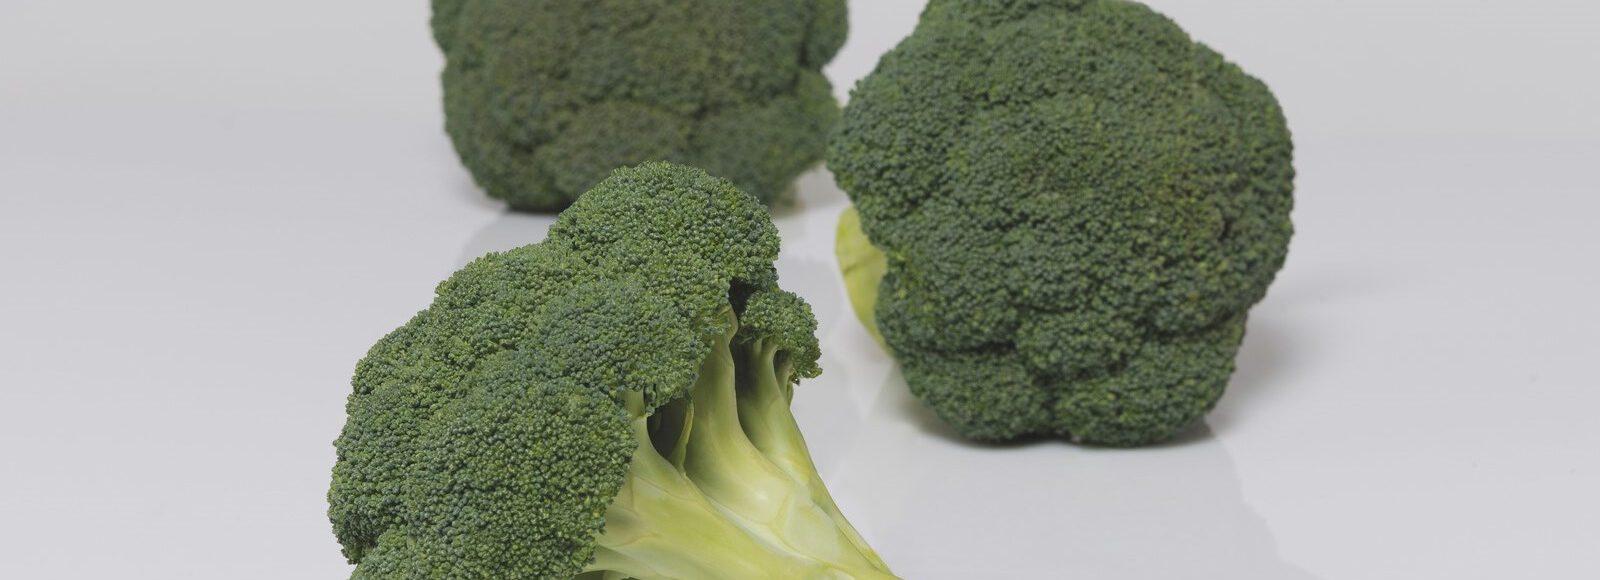 """""""Groente en fruit zijn gezond en dat gaan we bewijzen"""" – Onderzoeker wil gezondheidseffecten vatten in model"""